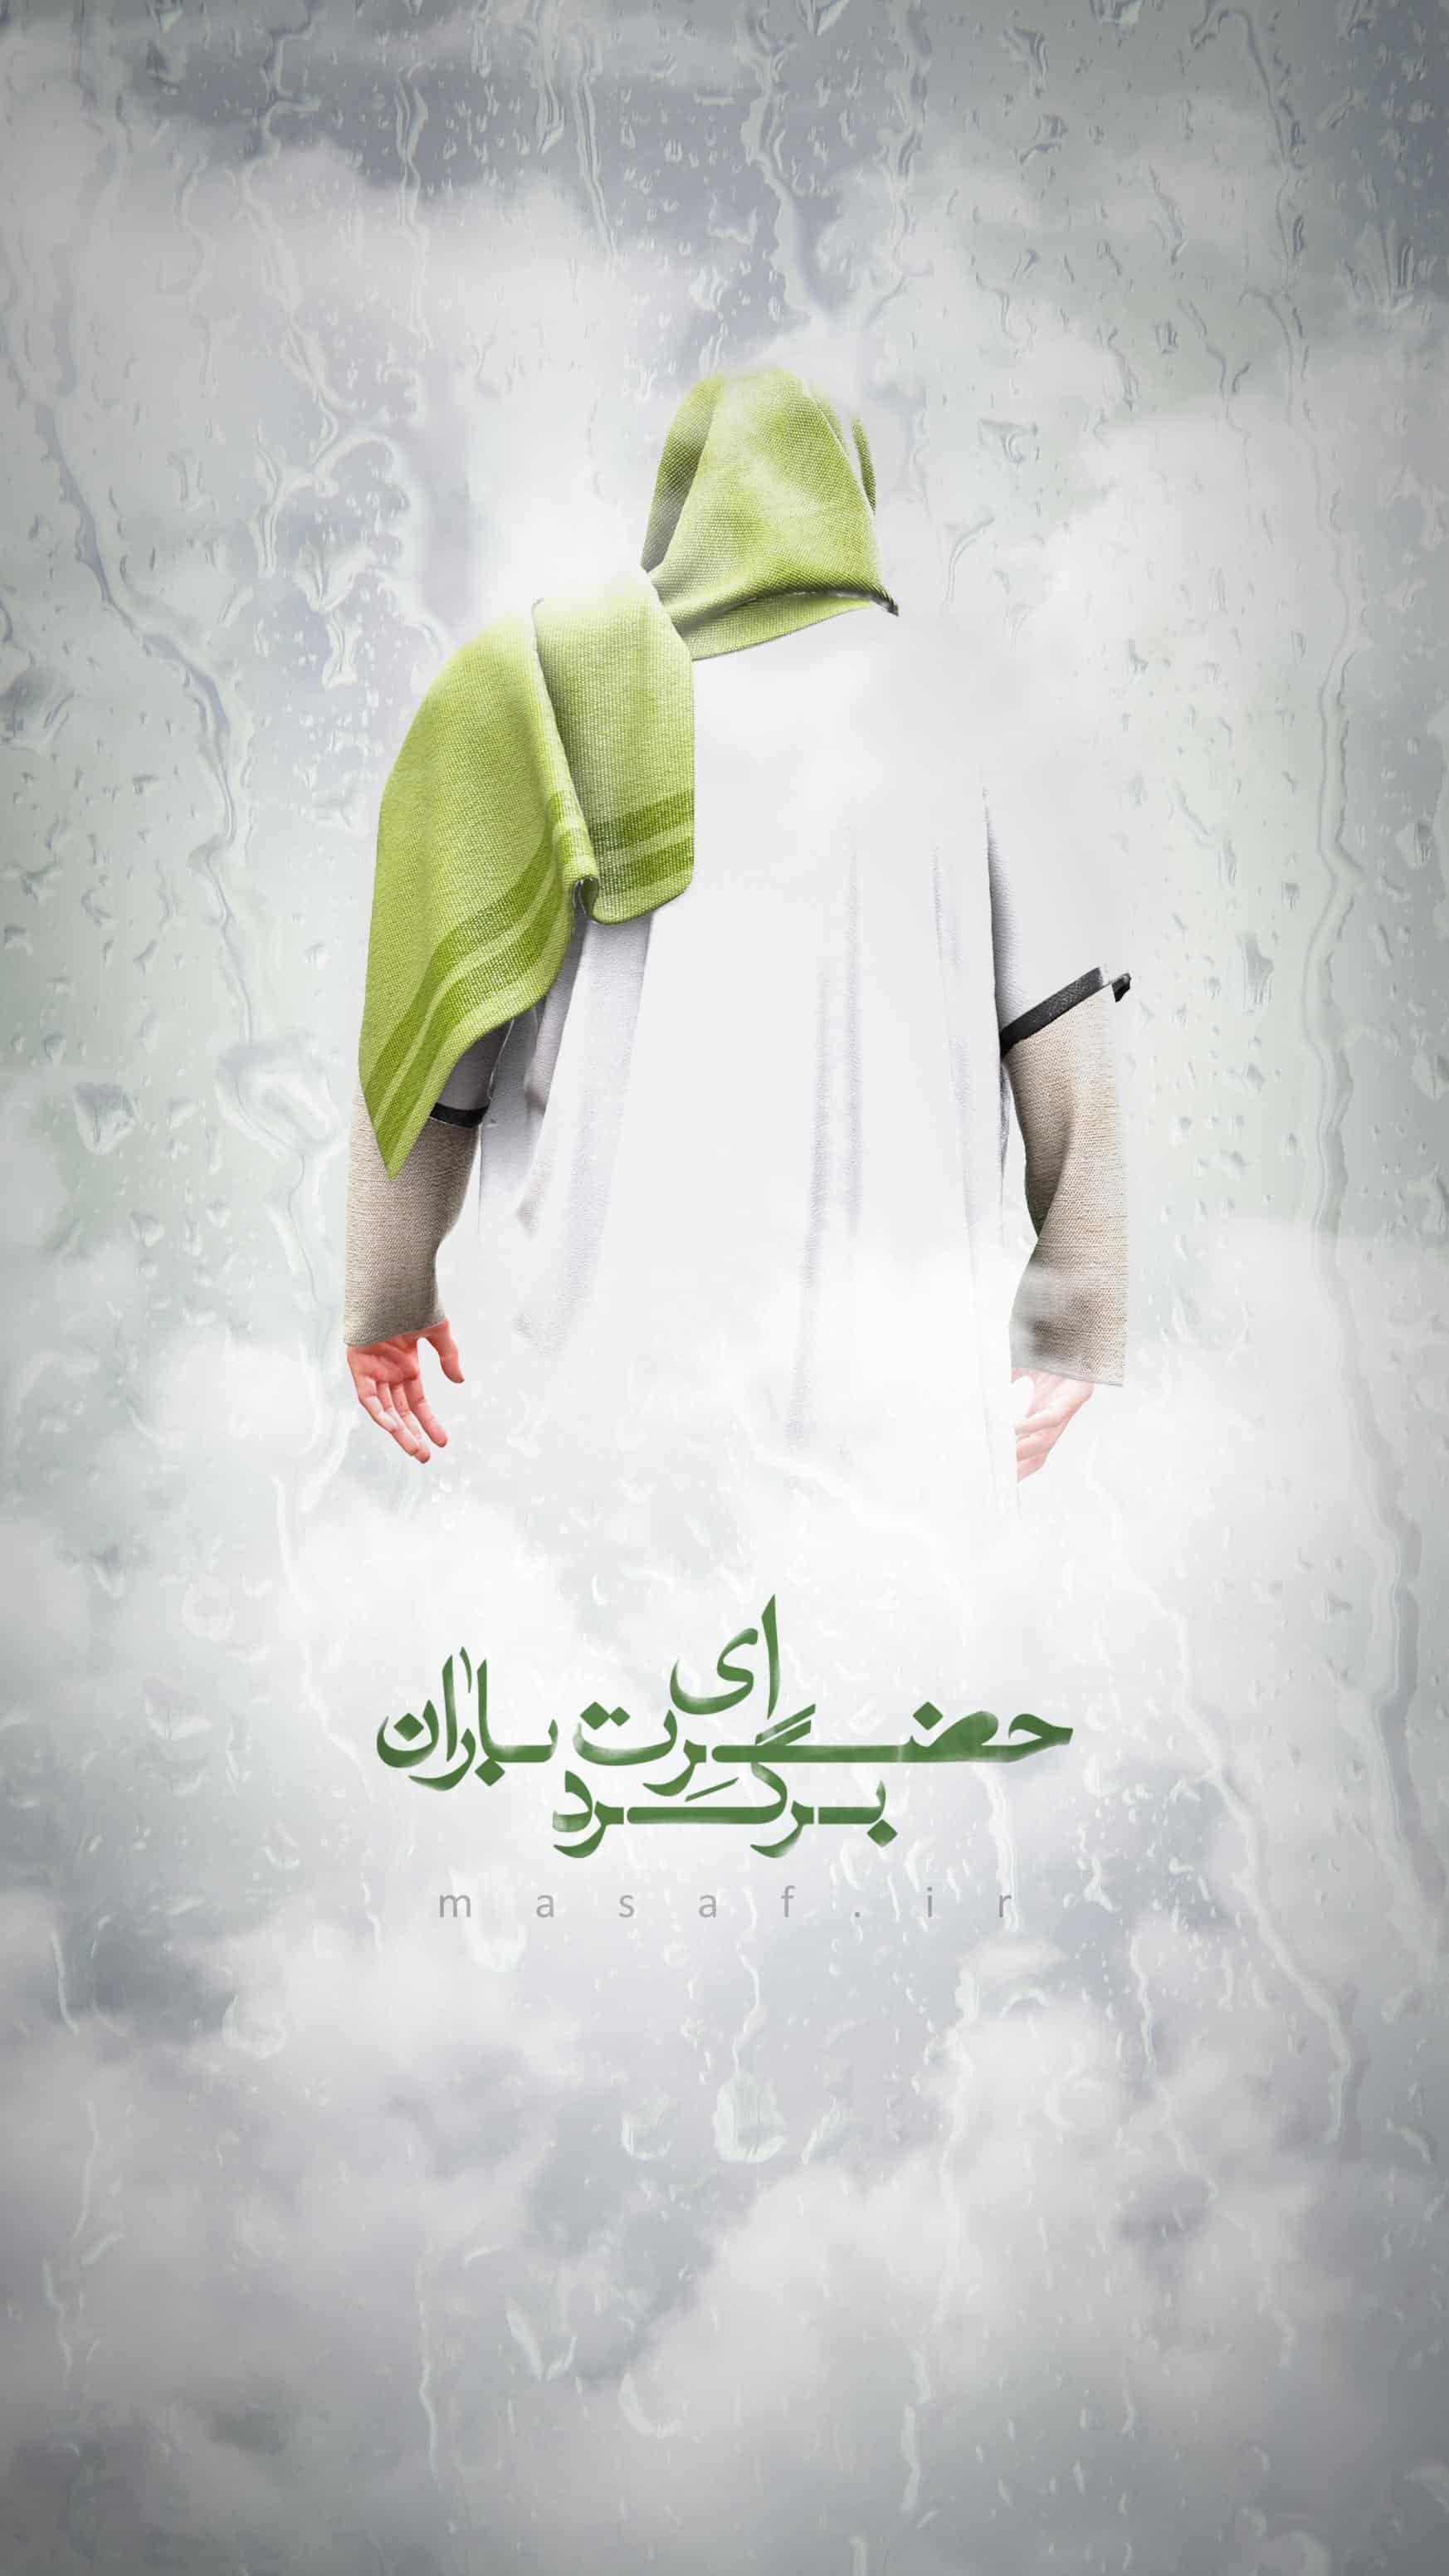 10531503772996278481 - امام زمان(عج) و روز قیامت